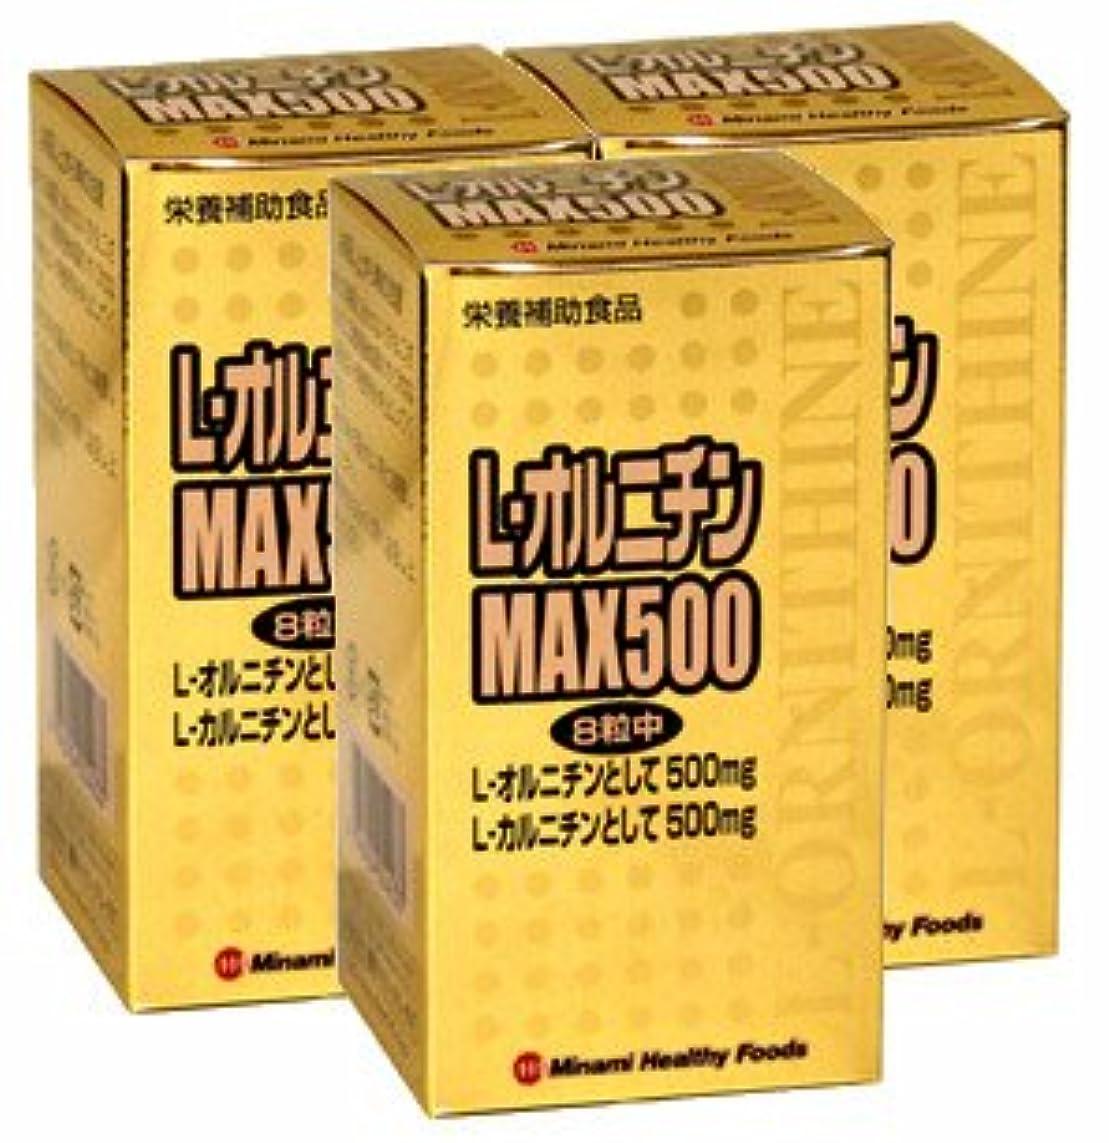 に向かっていとこ決定するミナミヘルシーフーズ L-オルニチンMAX500 240粒×3個 4945904014233*3